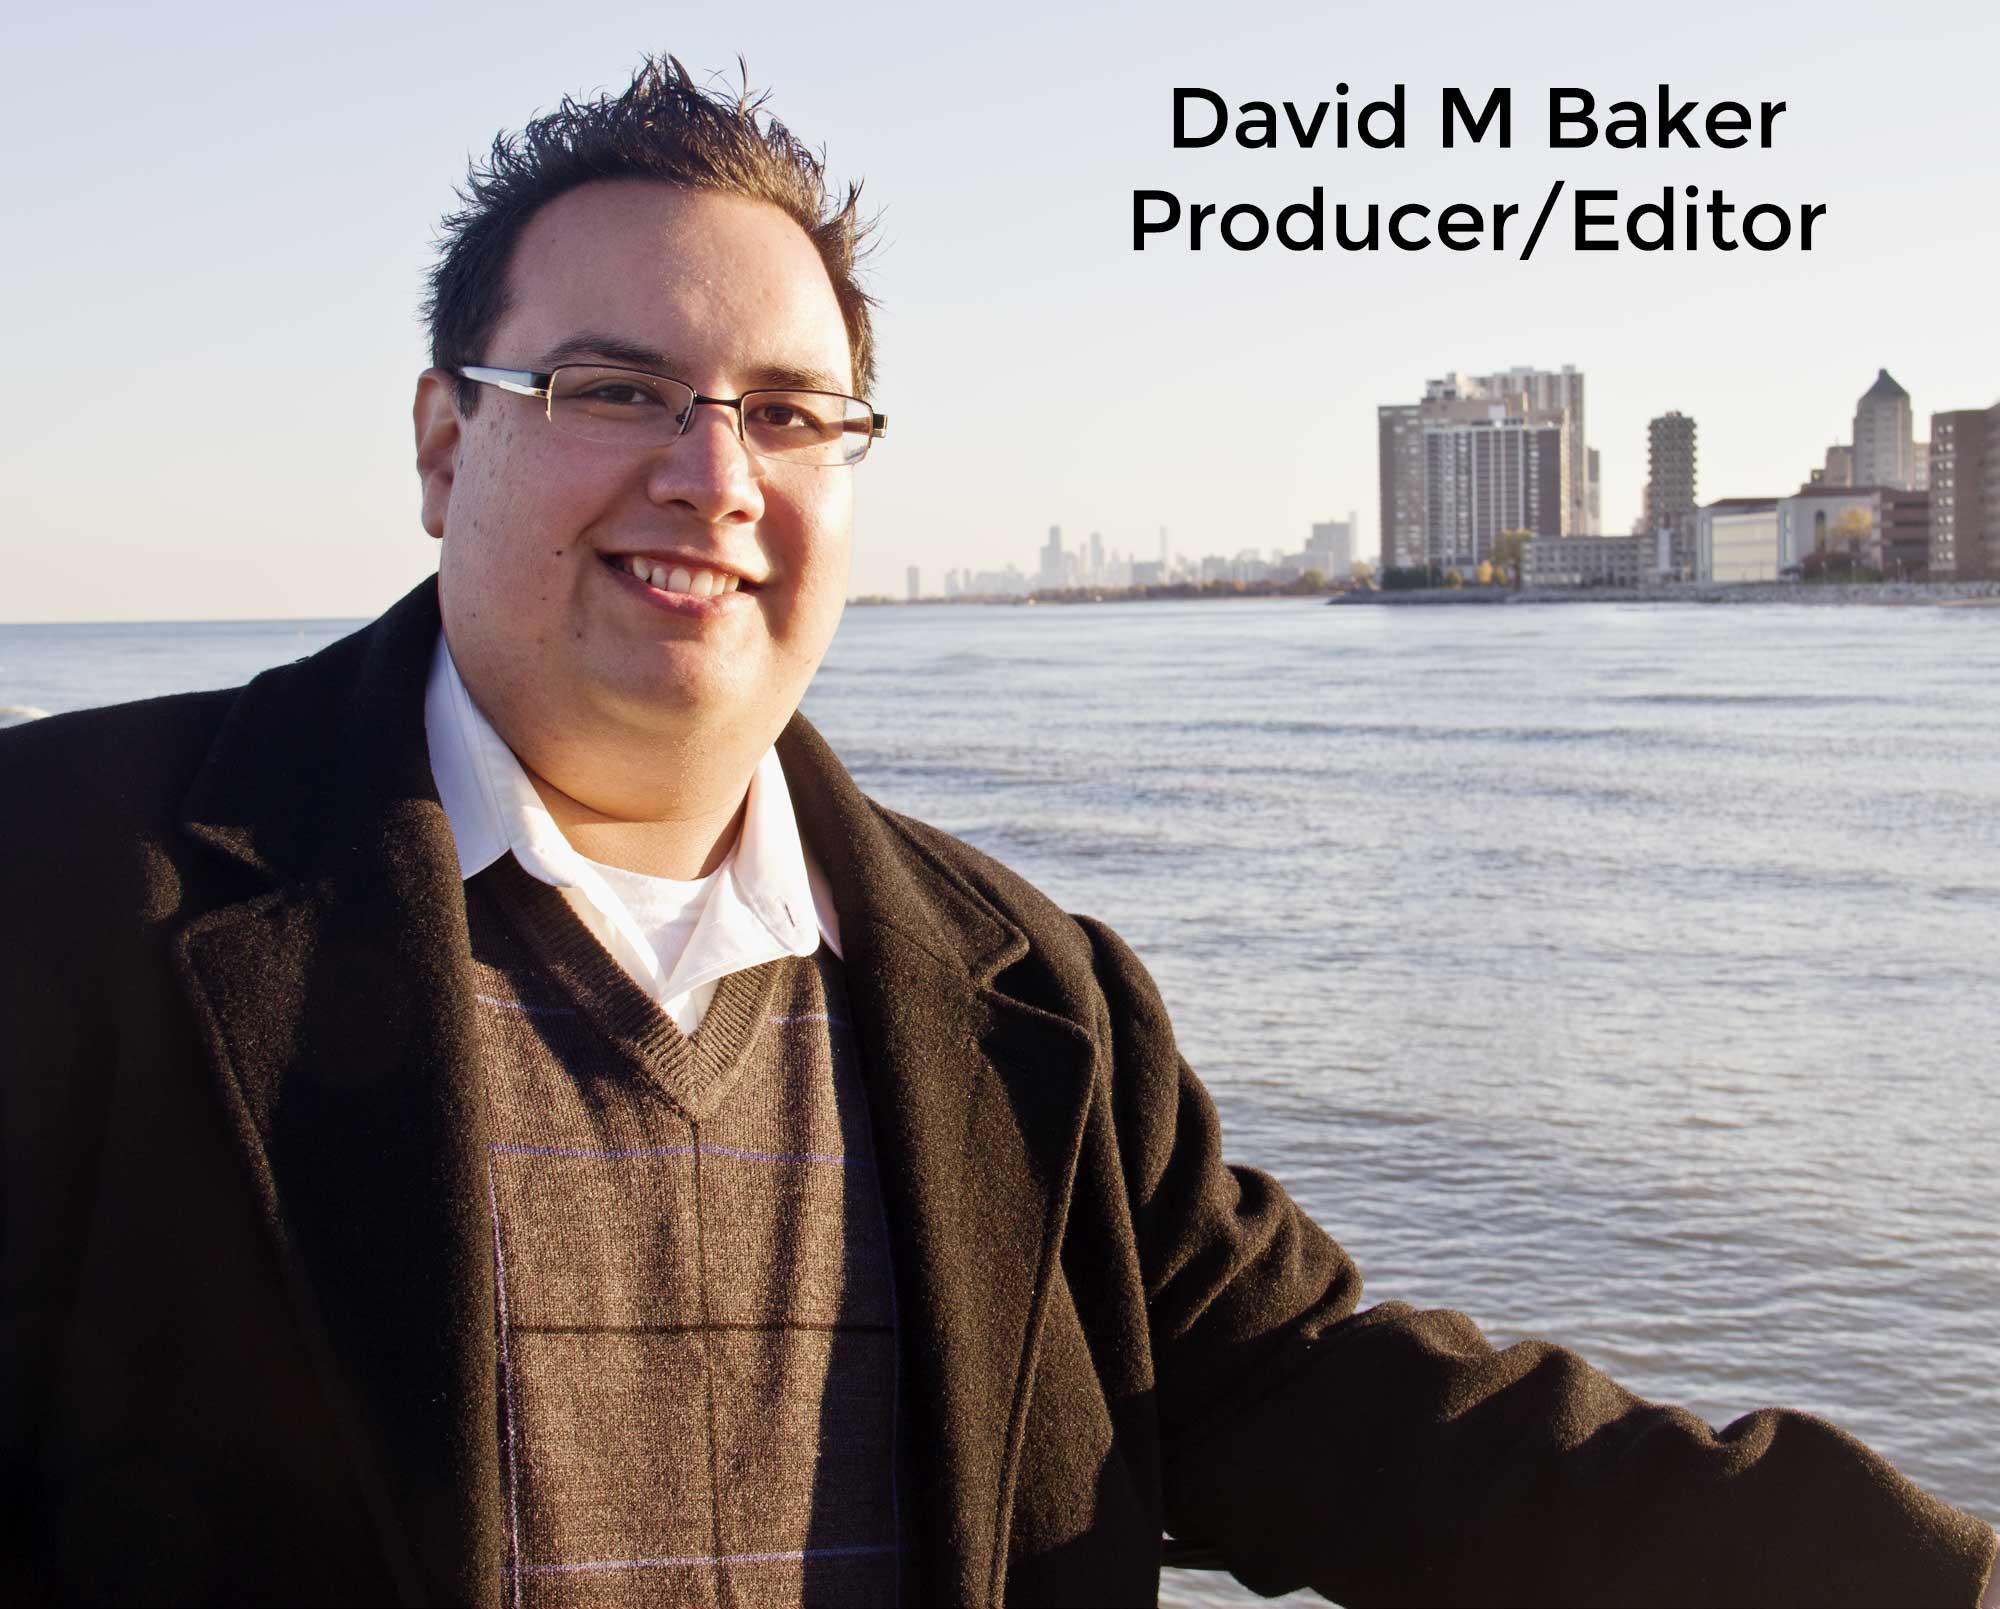 David M Baker - Producer/Editor